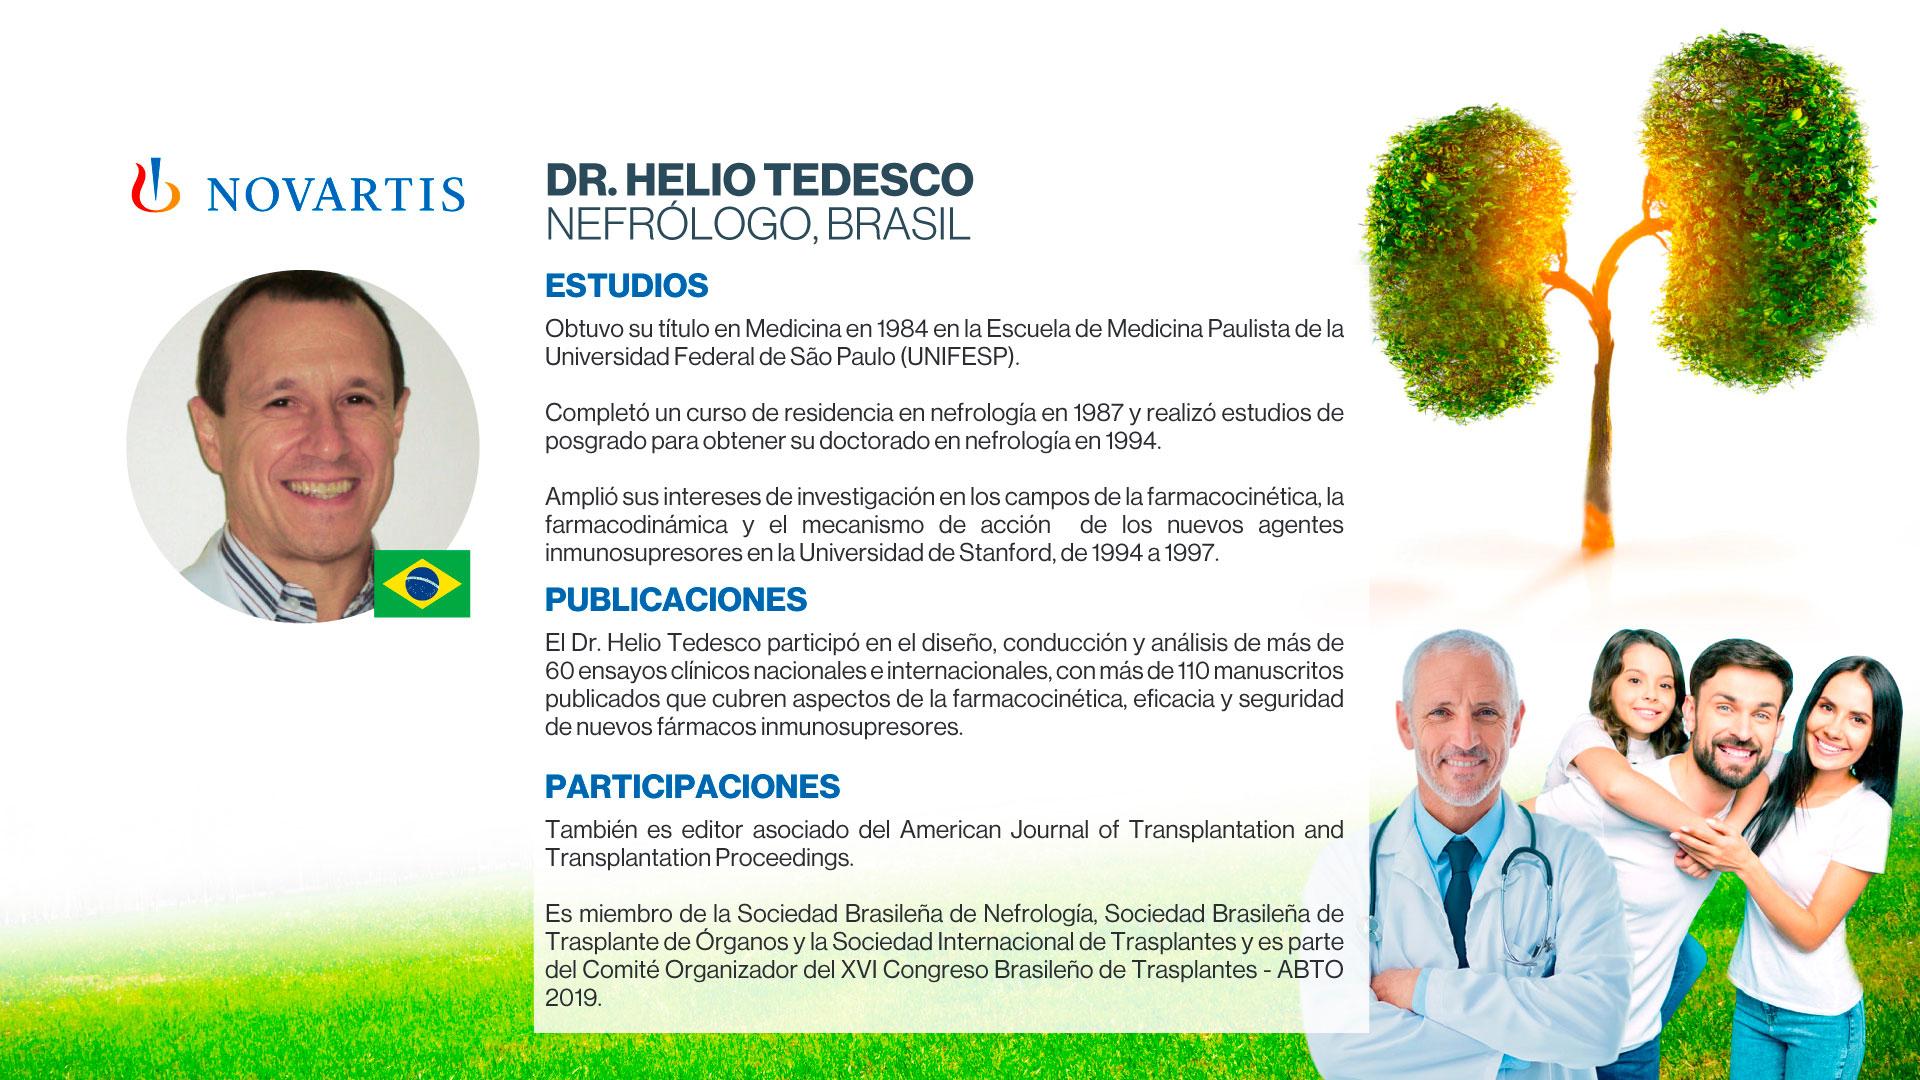 Dr. Helio Tedesco